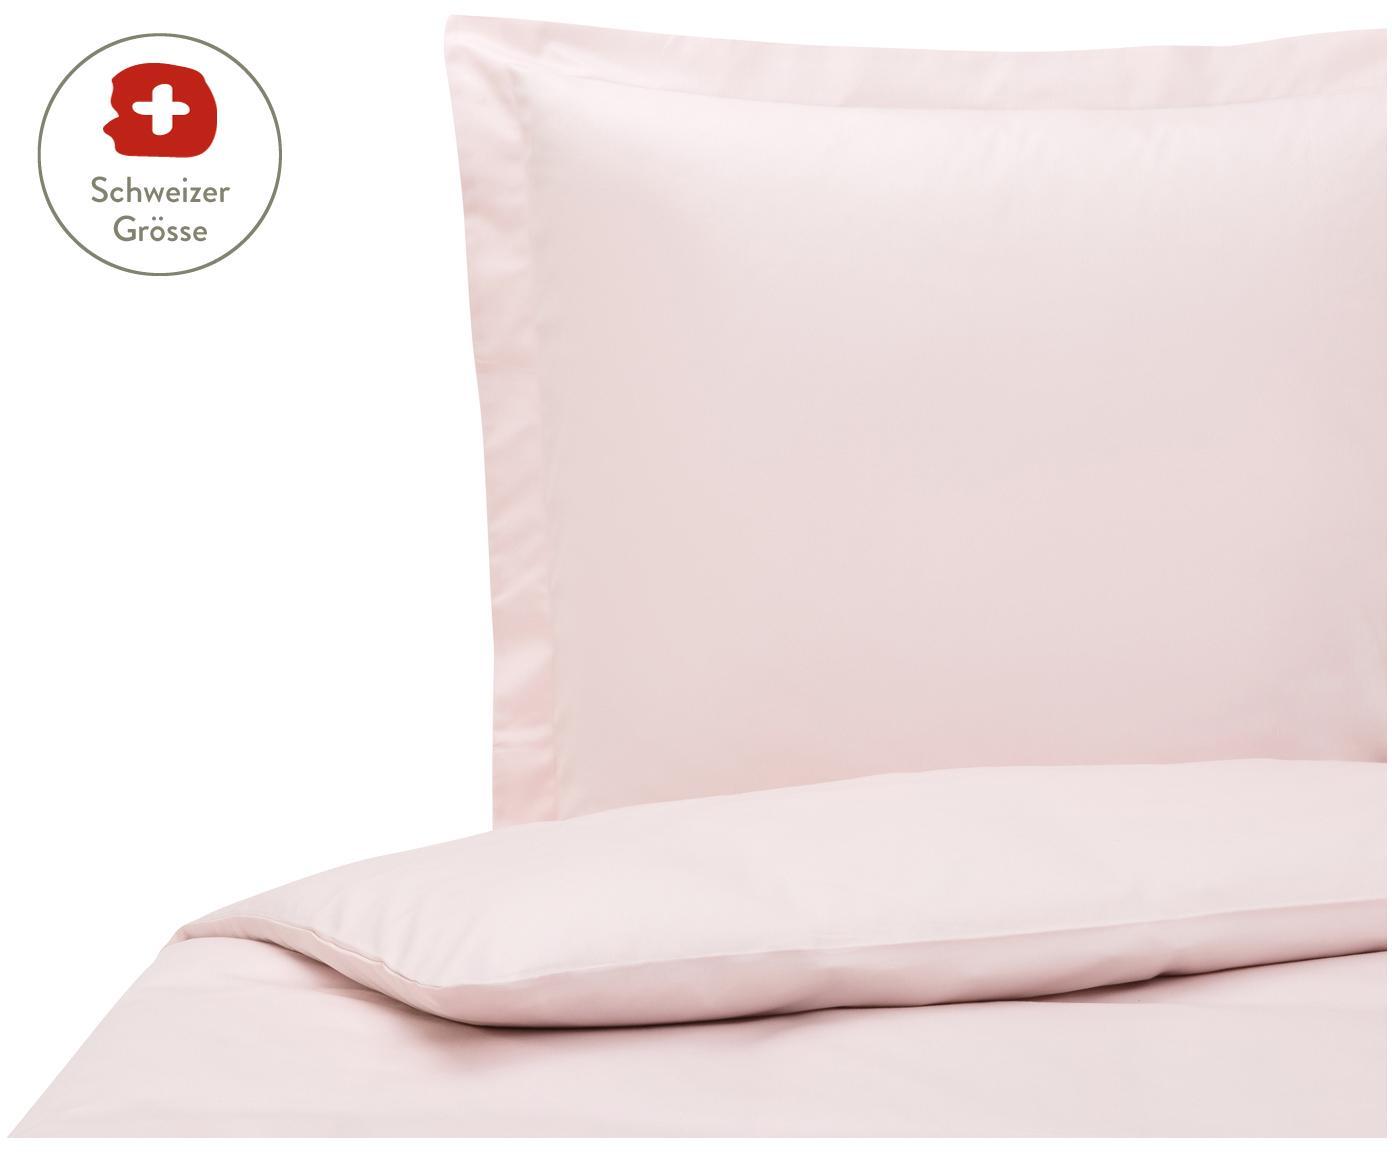 Baumwollsatin-Bettdeckenbezug Premium in Rosa mit Stehsaum, Webart: Satin, leicht glänzend, Rosa, 160 x 210 cm